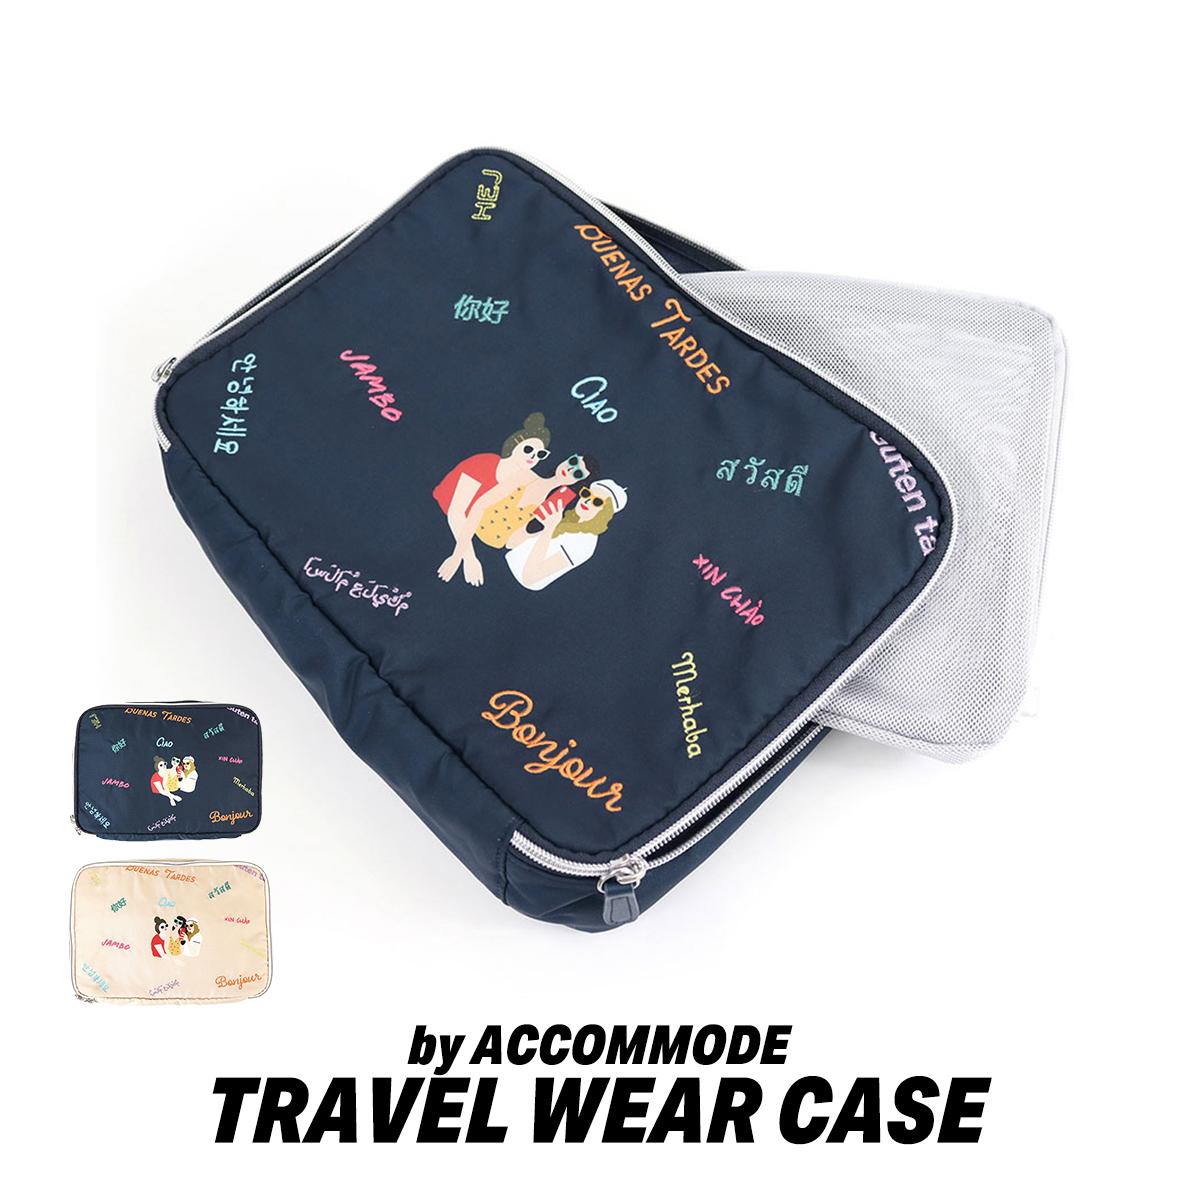 ACCOMMODE トラベルウエアケース アコモデ ポーチ ランジェリーポーチ バッグインバッグ ハンドル付 ブランド 機能的 かわいい 大人 コンパクト トラベル 刺繍 韓国 accommode